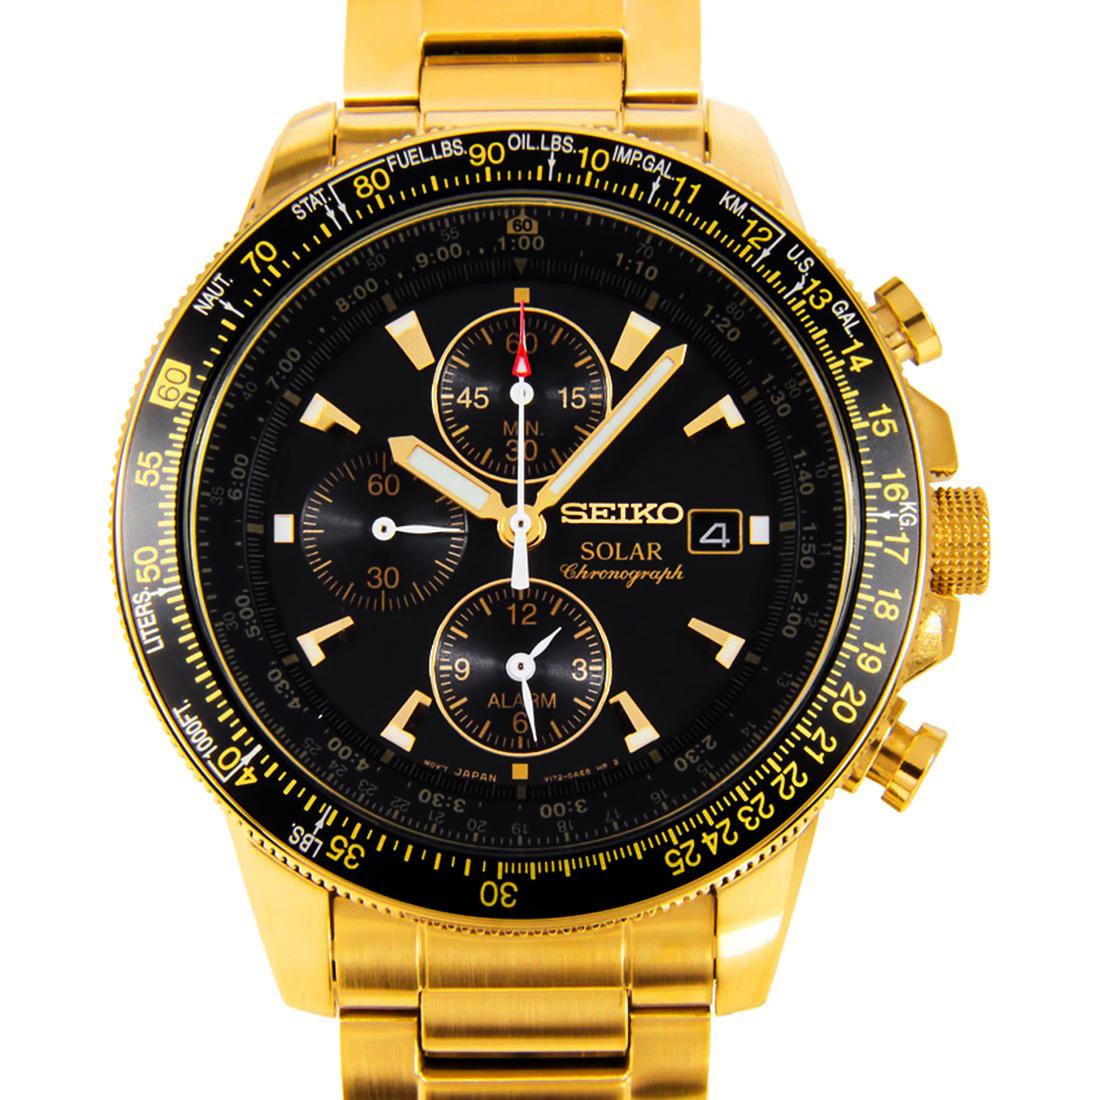 นาฬิกา Seiko Men Chronograph Solar System Gold Premier seiko ssc008P สาย Stainless ทอง